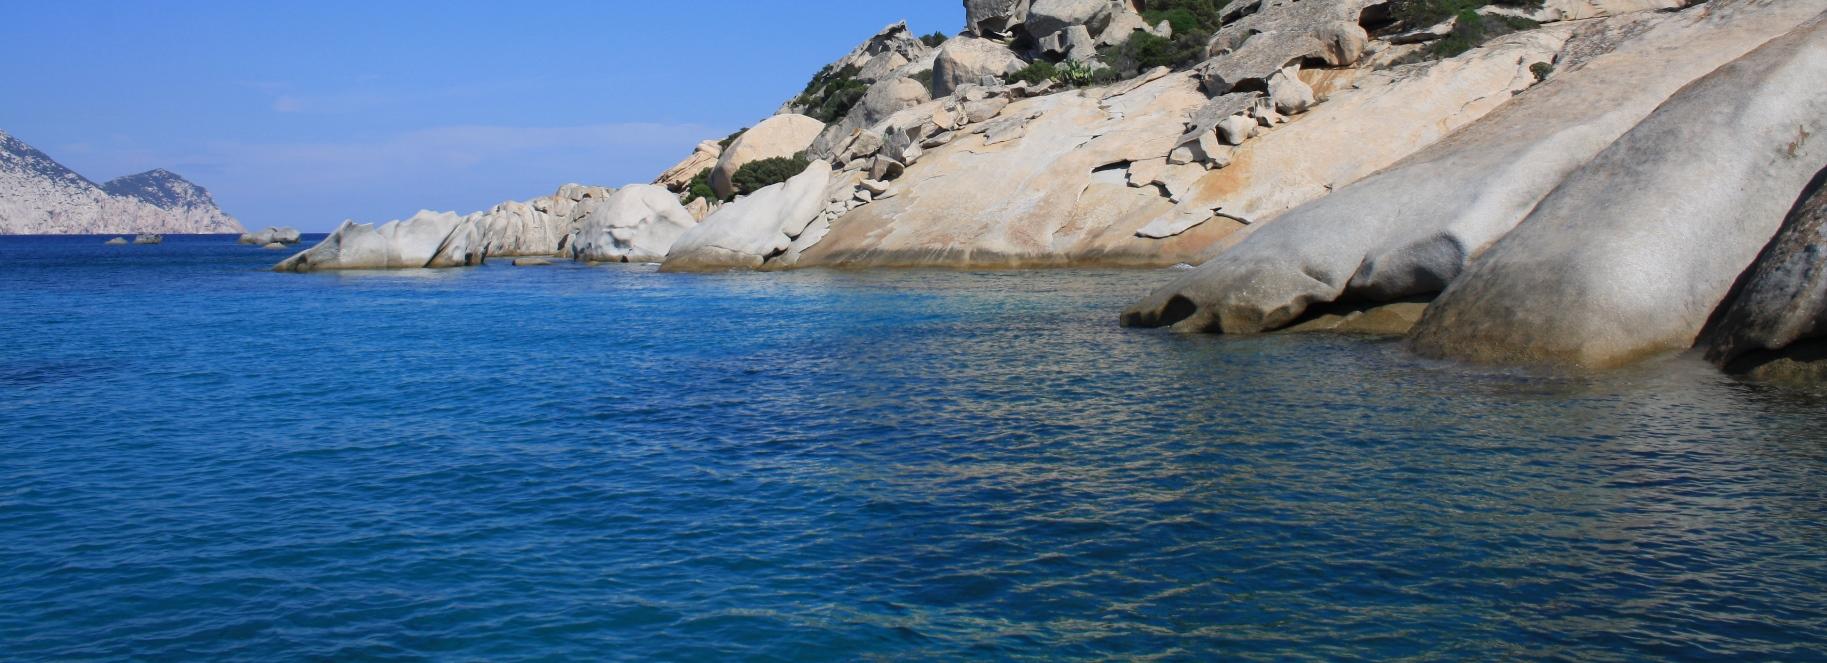 Golfo Aranci  Sardegna